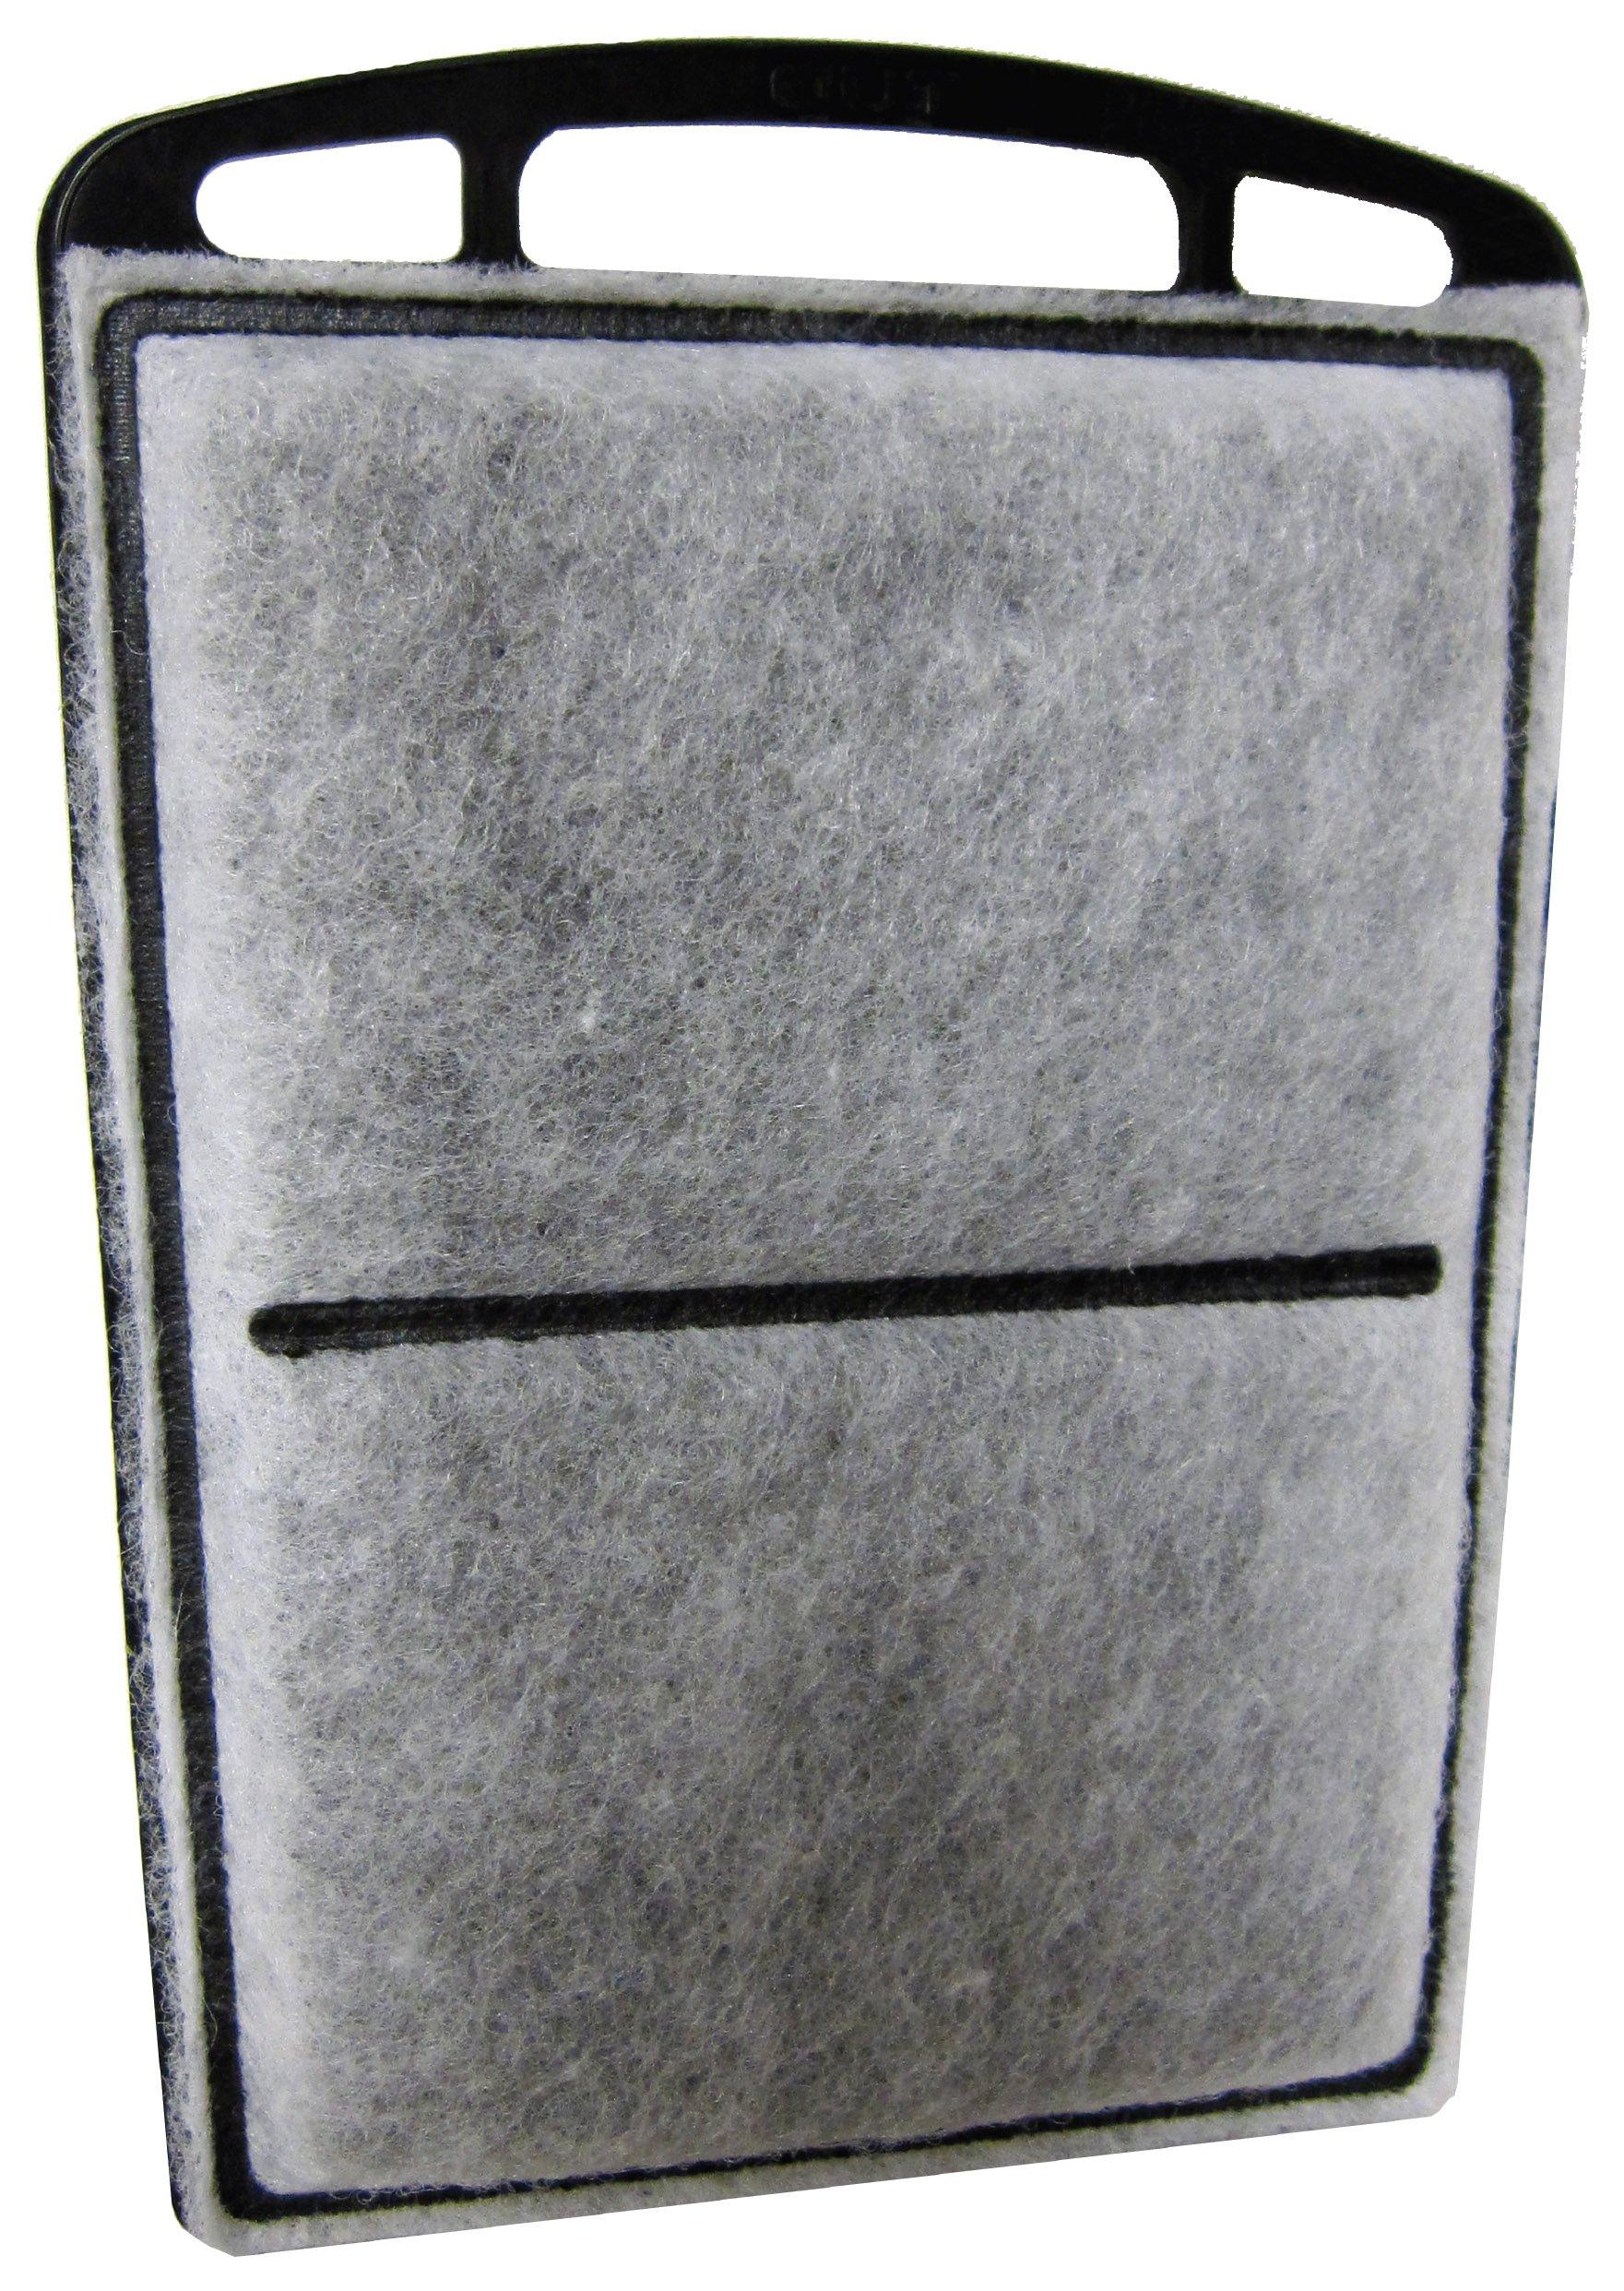 Aquarium Masters Replacement Aquarium Carbon Filter Cartridge for Whisper Power Filter 20i, 40i, C 20, 30, 40, 60 & The Old Top Fin Power Filter Old 20, Old 30, Old 40, Old 60, Model 55!